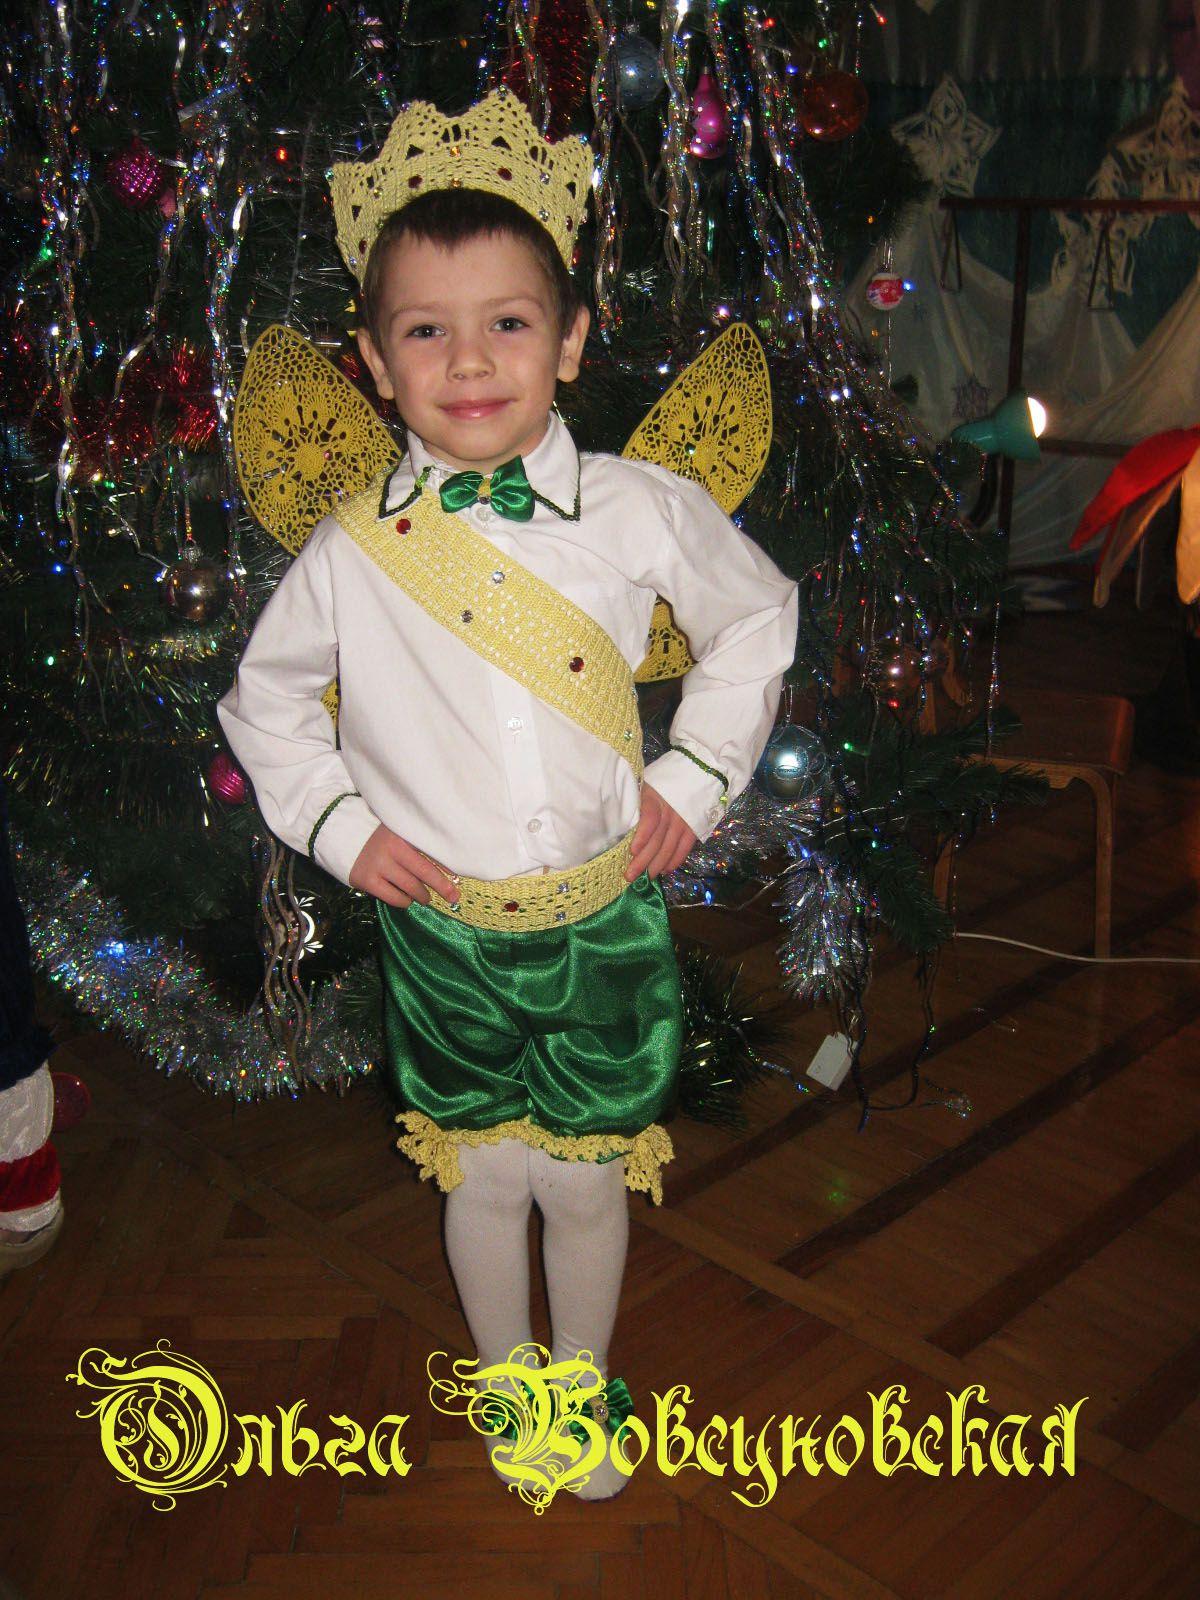 costume christmas celebration holiday fairytale thumbelina stage